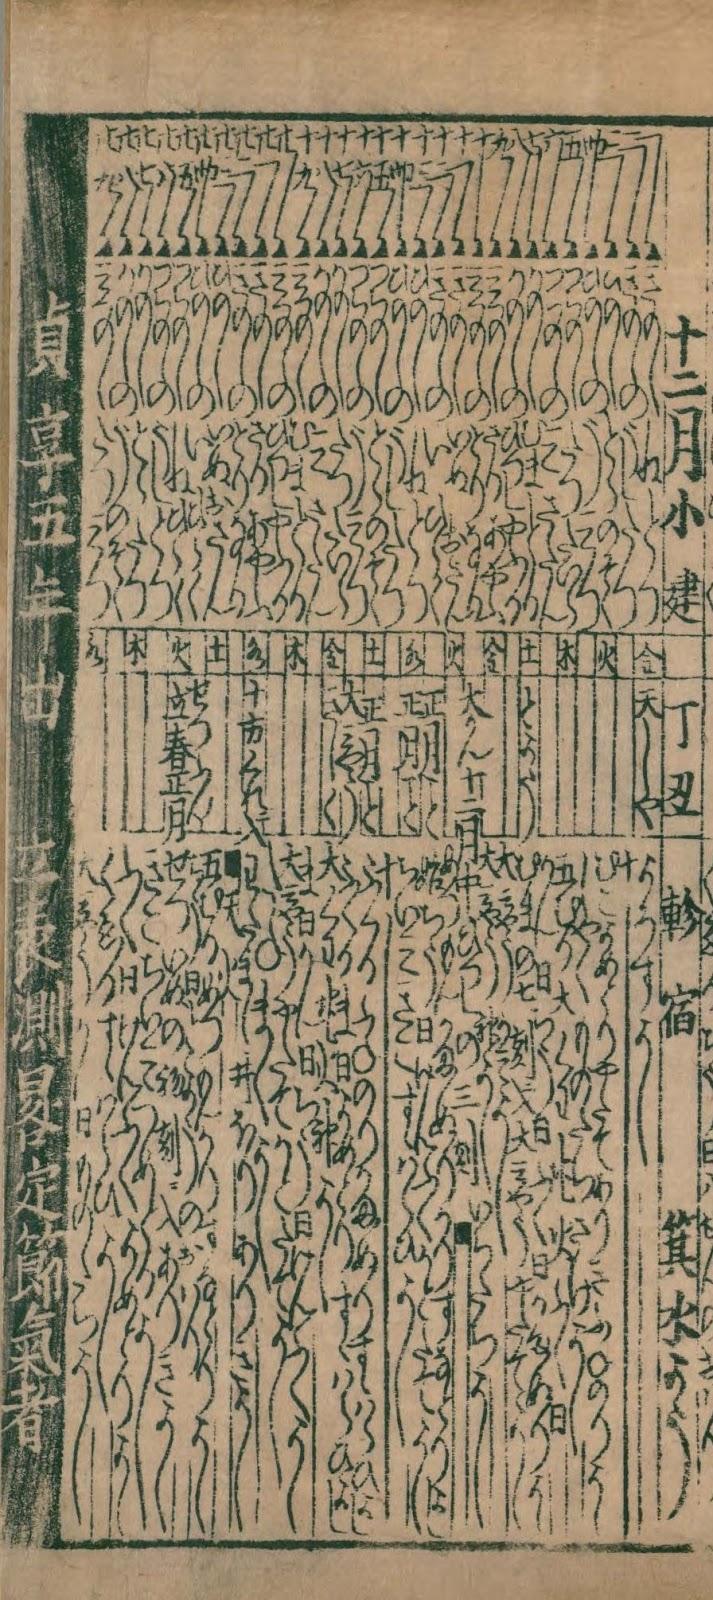 おまつのブログ: 江戸頒暦研究の基礎資料、頒暦概観 (1) 年頭